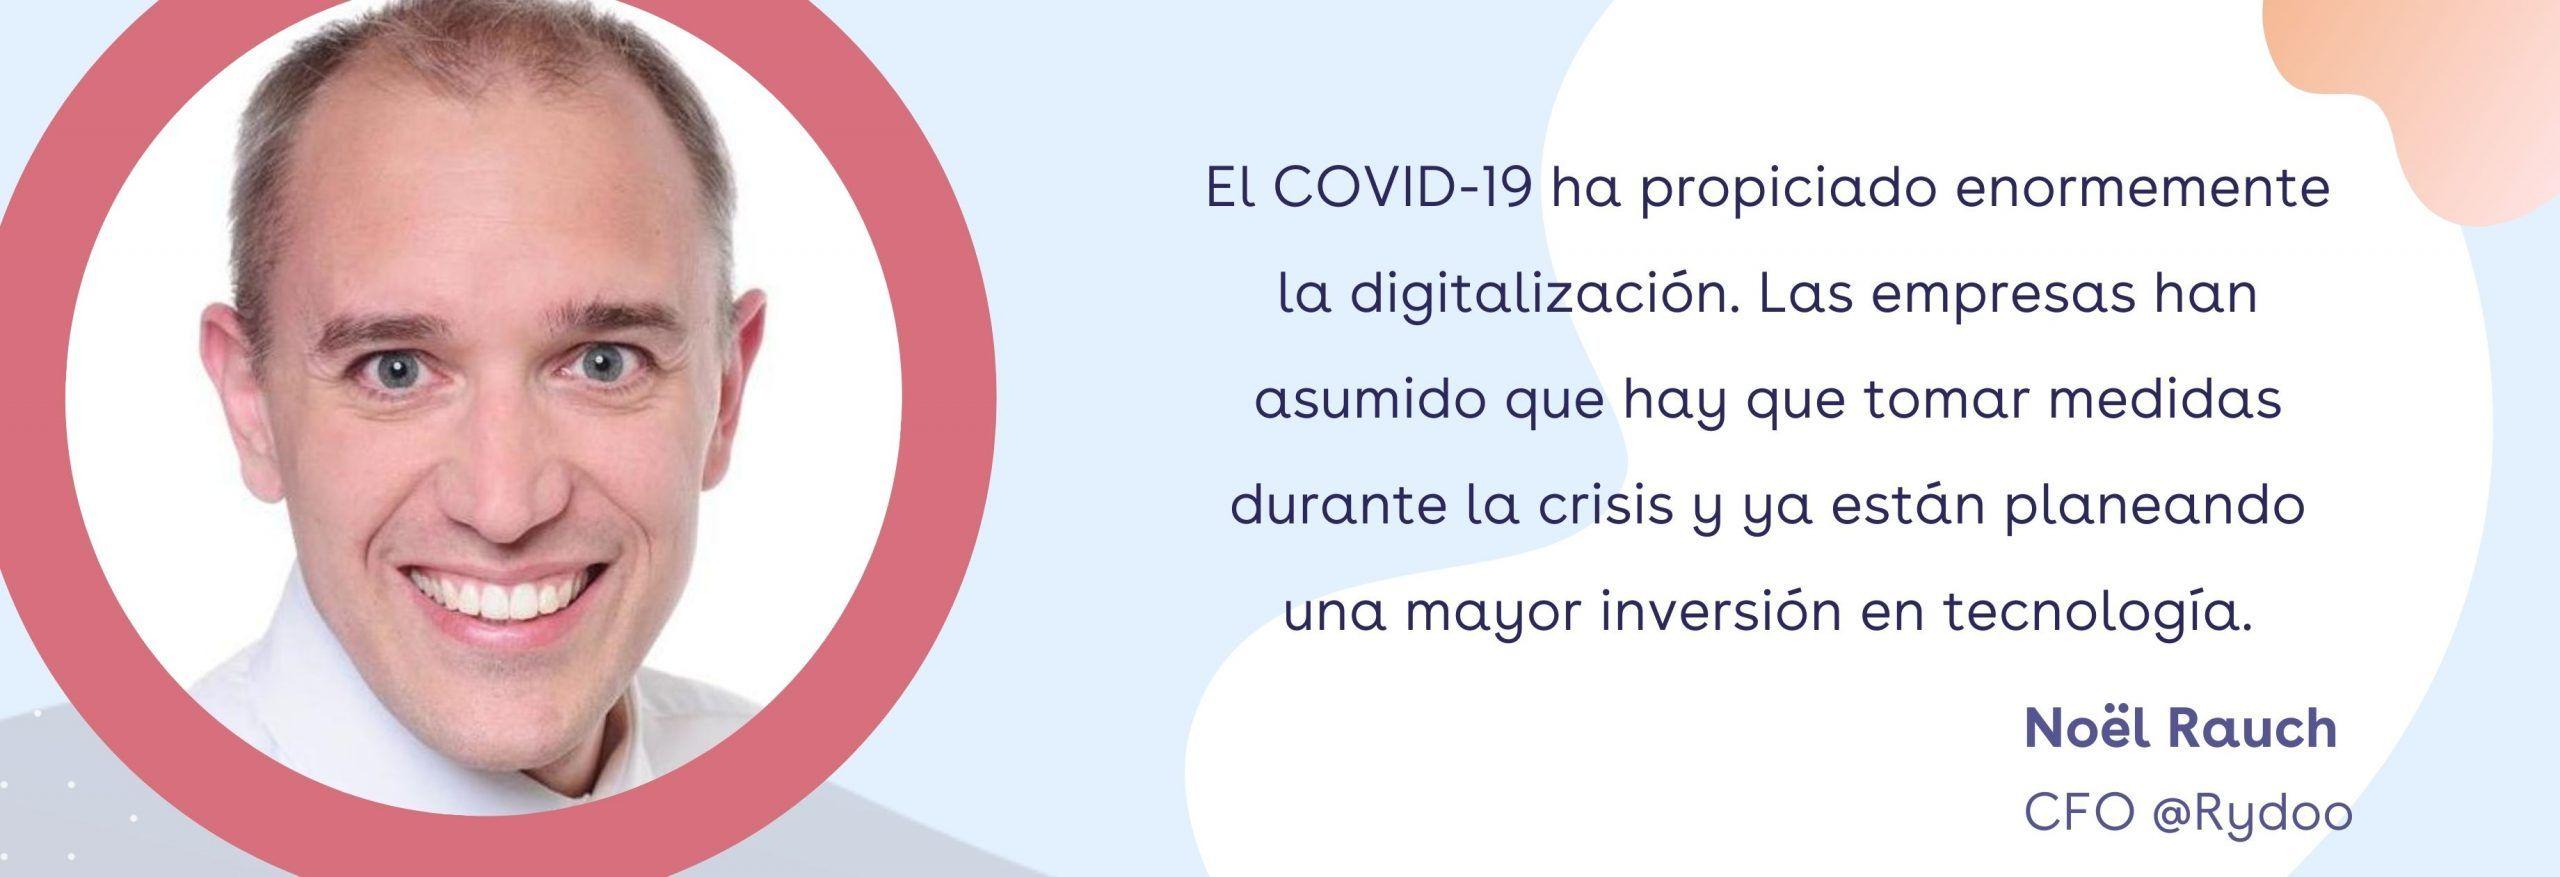 El COVID-19 ha propiciado enormemente la digitalización. Las empresas han asumido que hay que tomar medidas durante la crisis y ya están planeando una mayor inversión en tecnología.